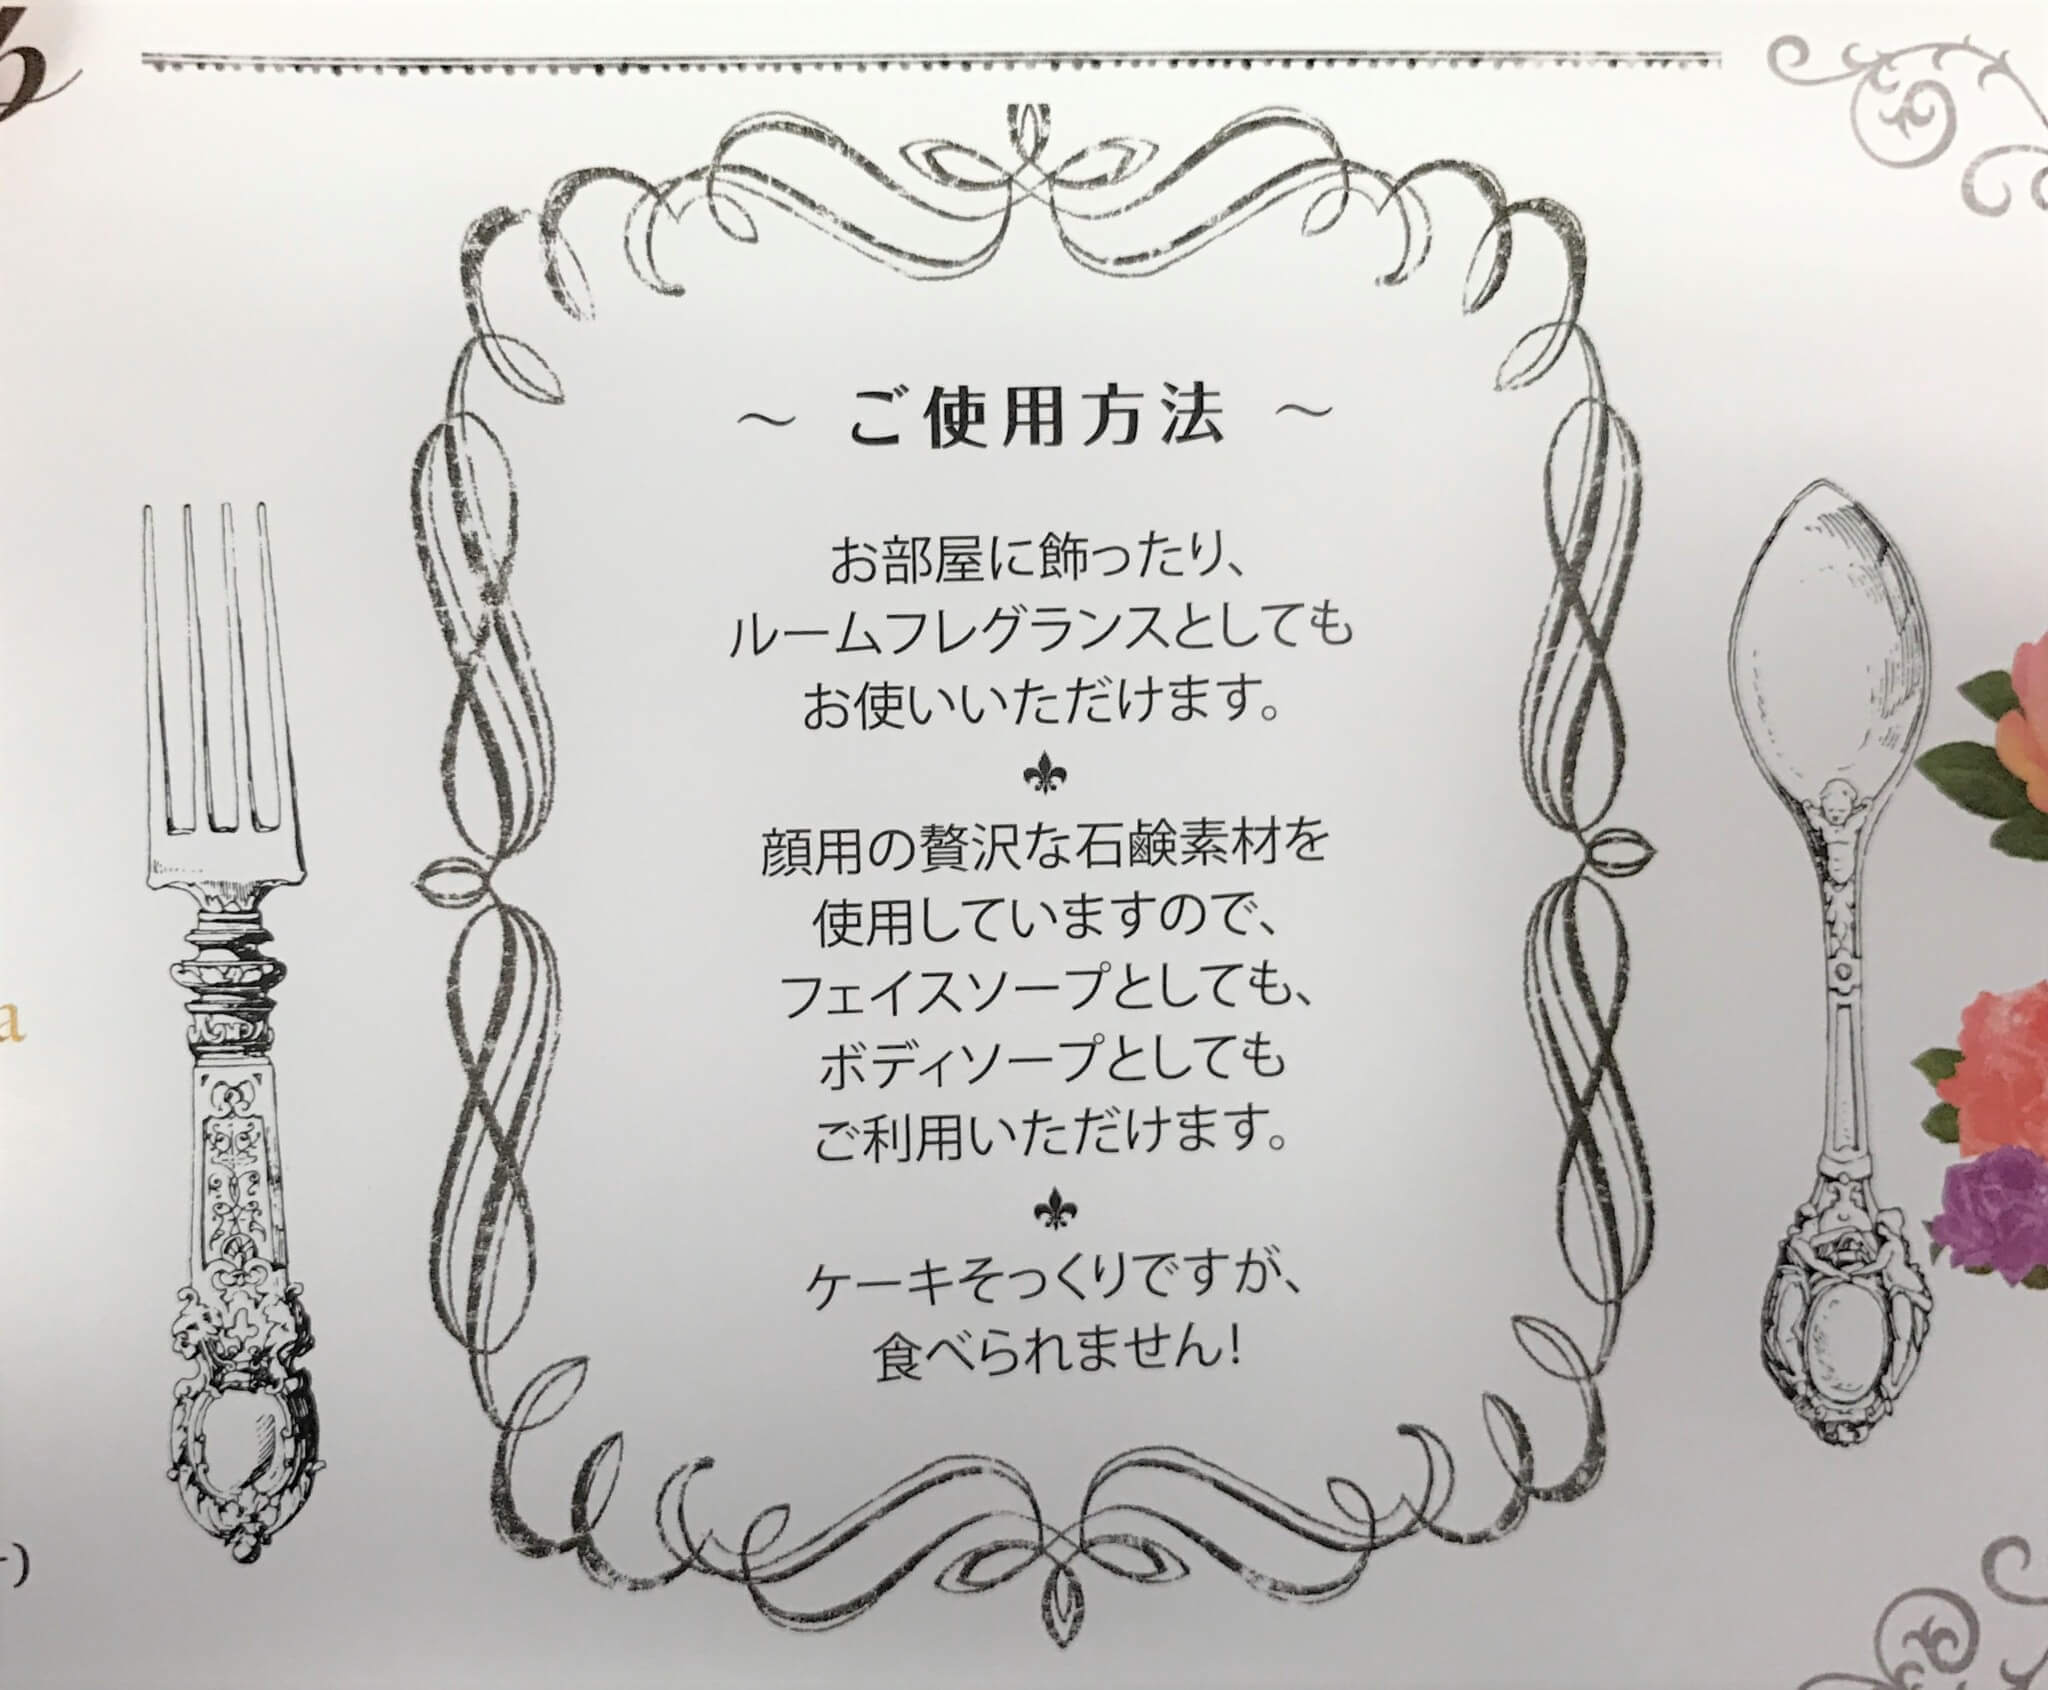 コスメケーキセット 使用方法